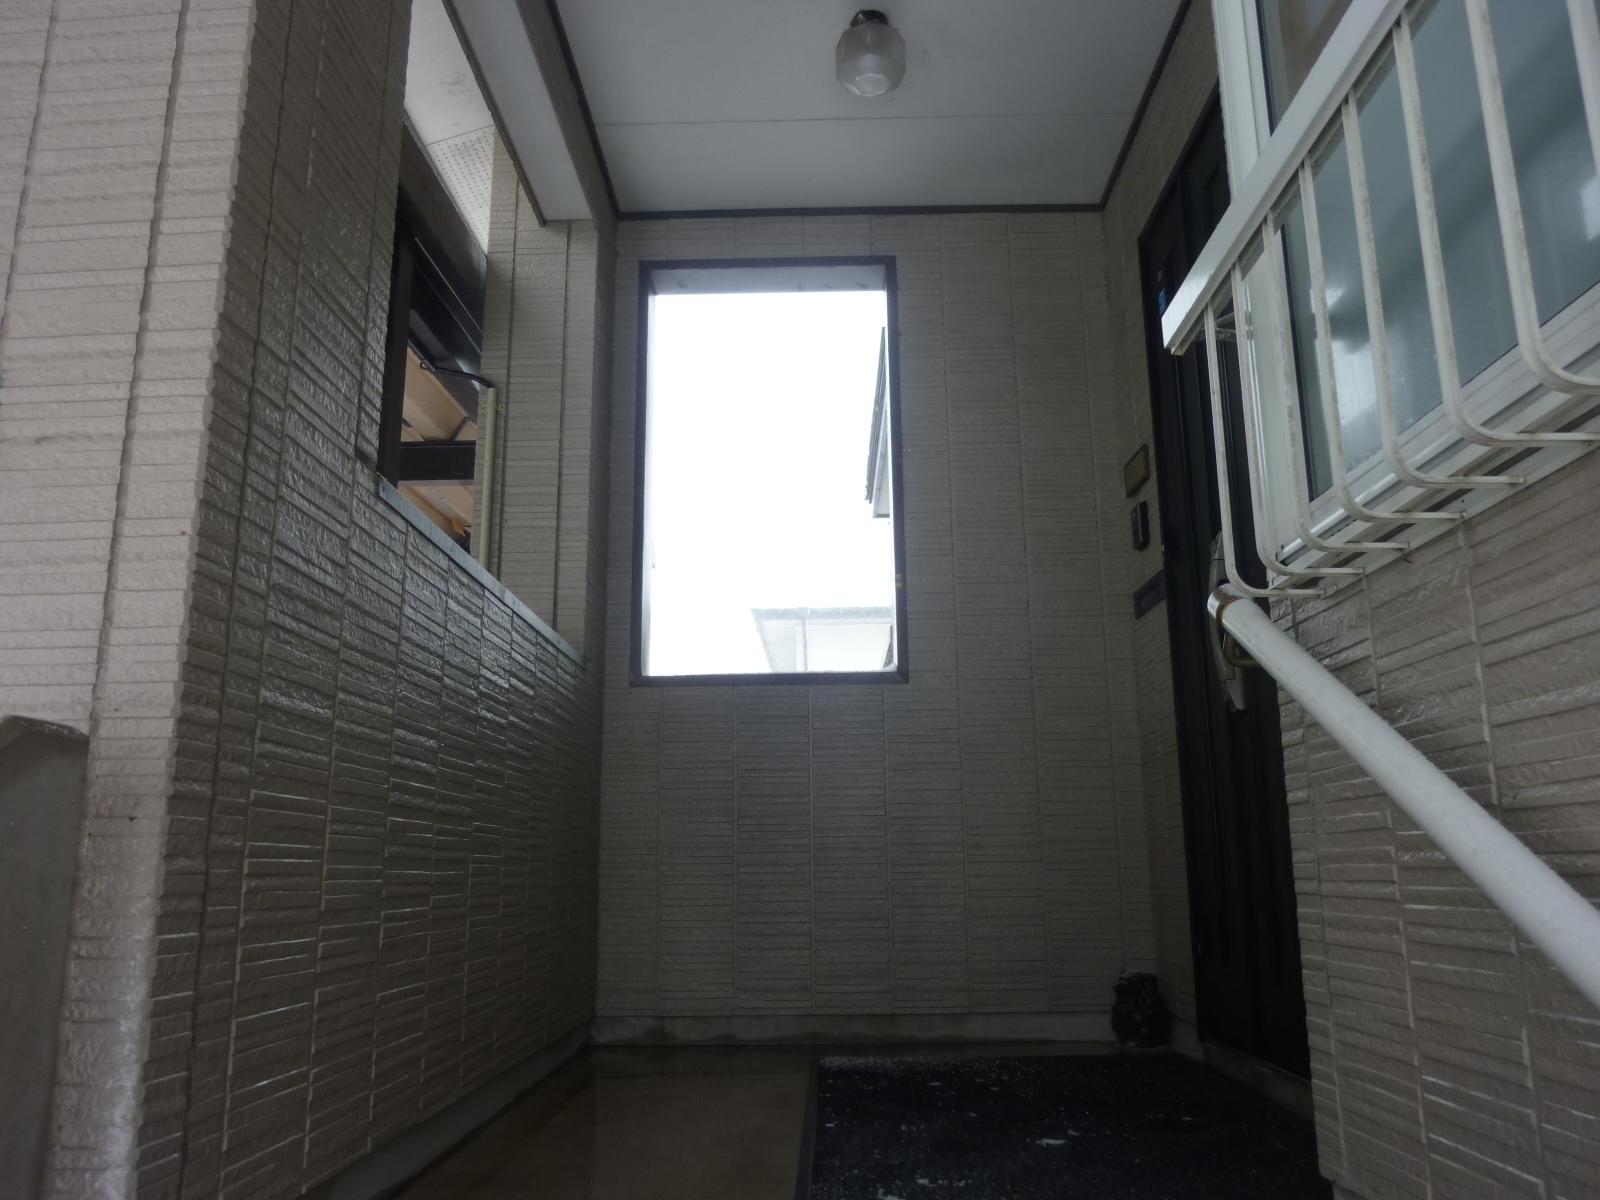 上越市頚城区 住宅外壁工事に於ける事前調査に伺いました!